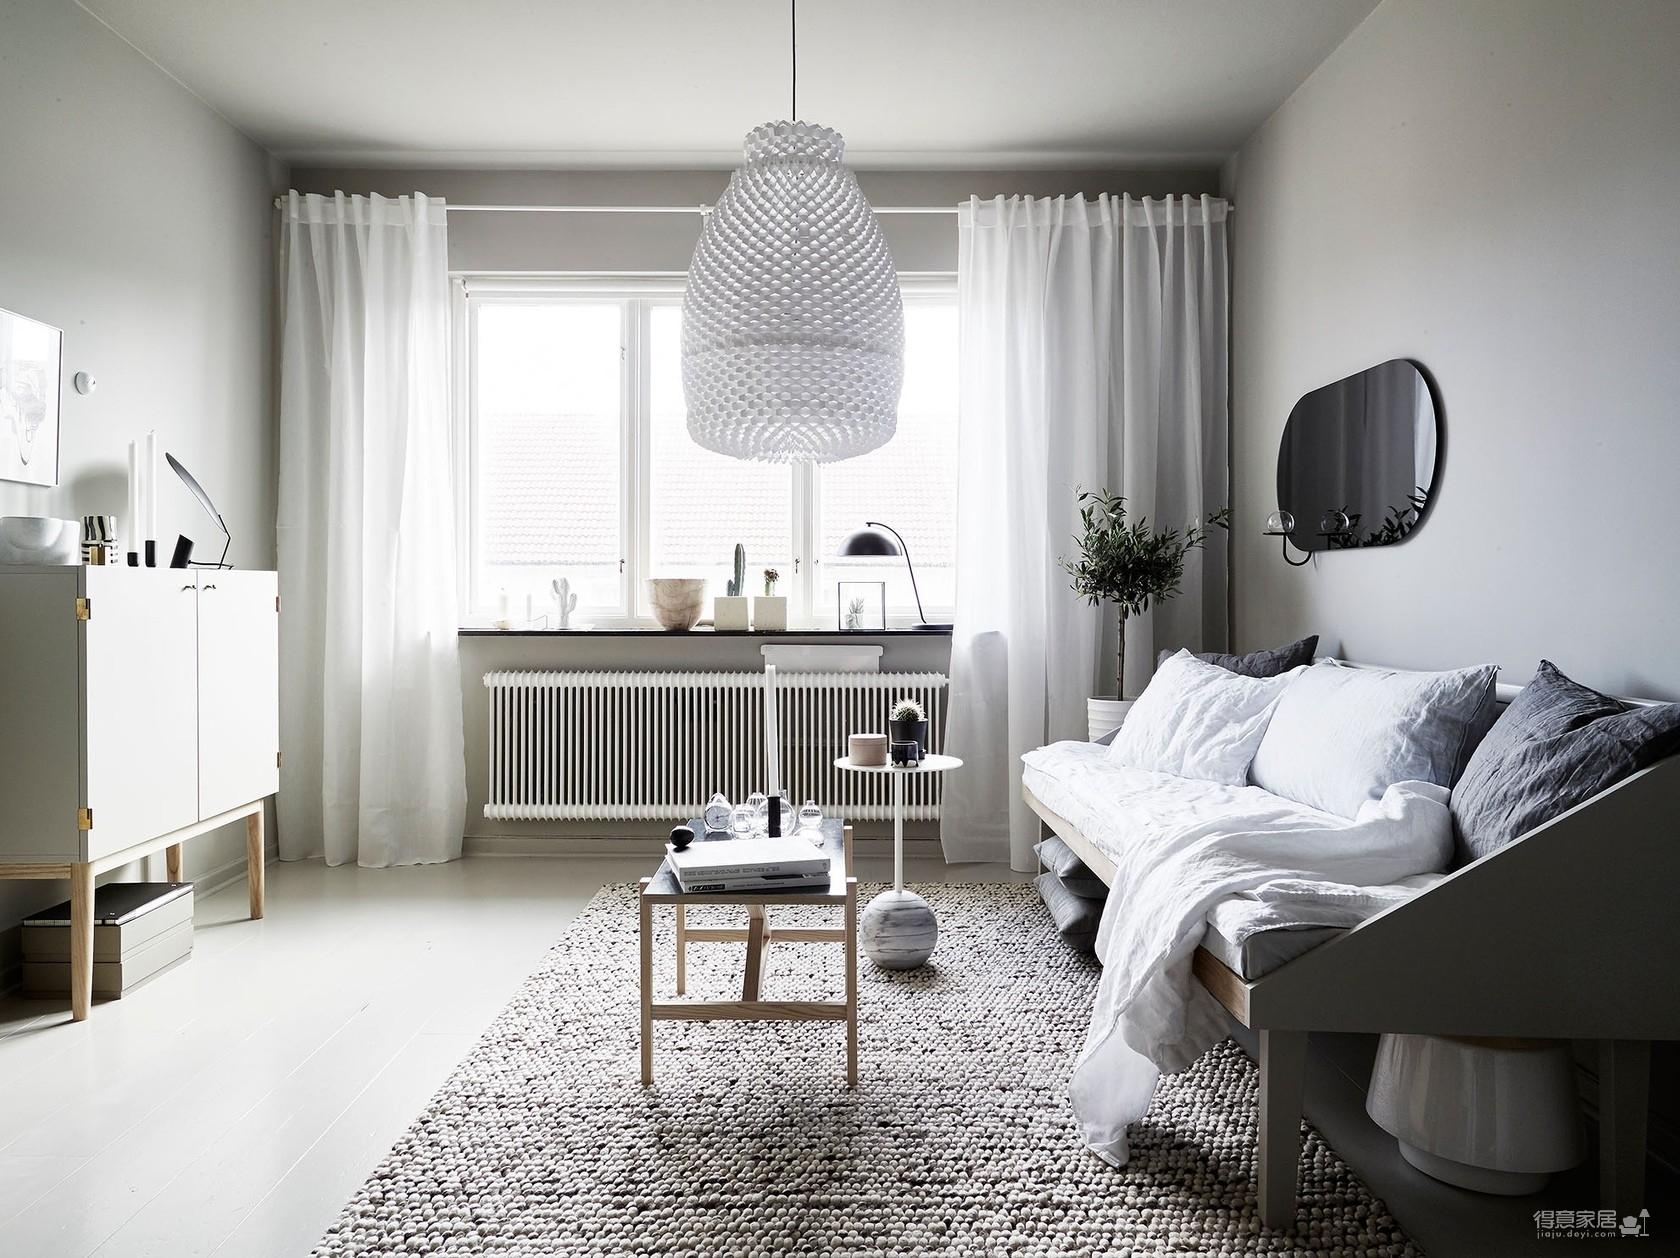 25.5㎡实用小公寓,魅力十足图_1